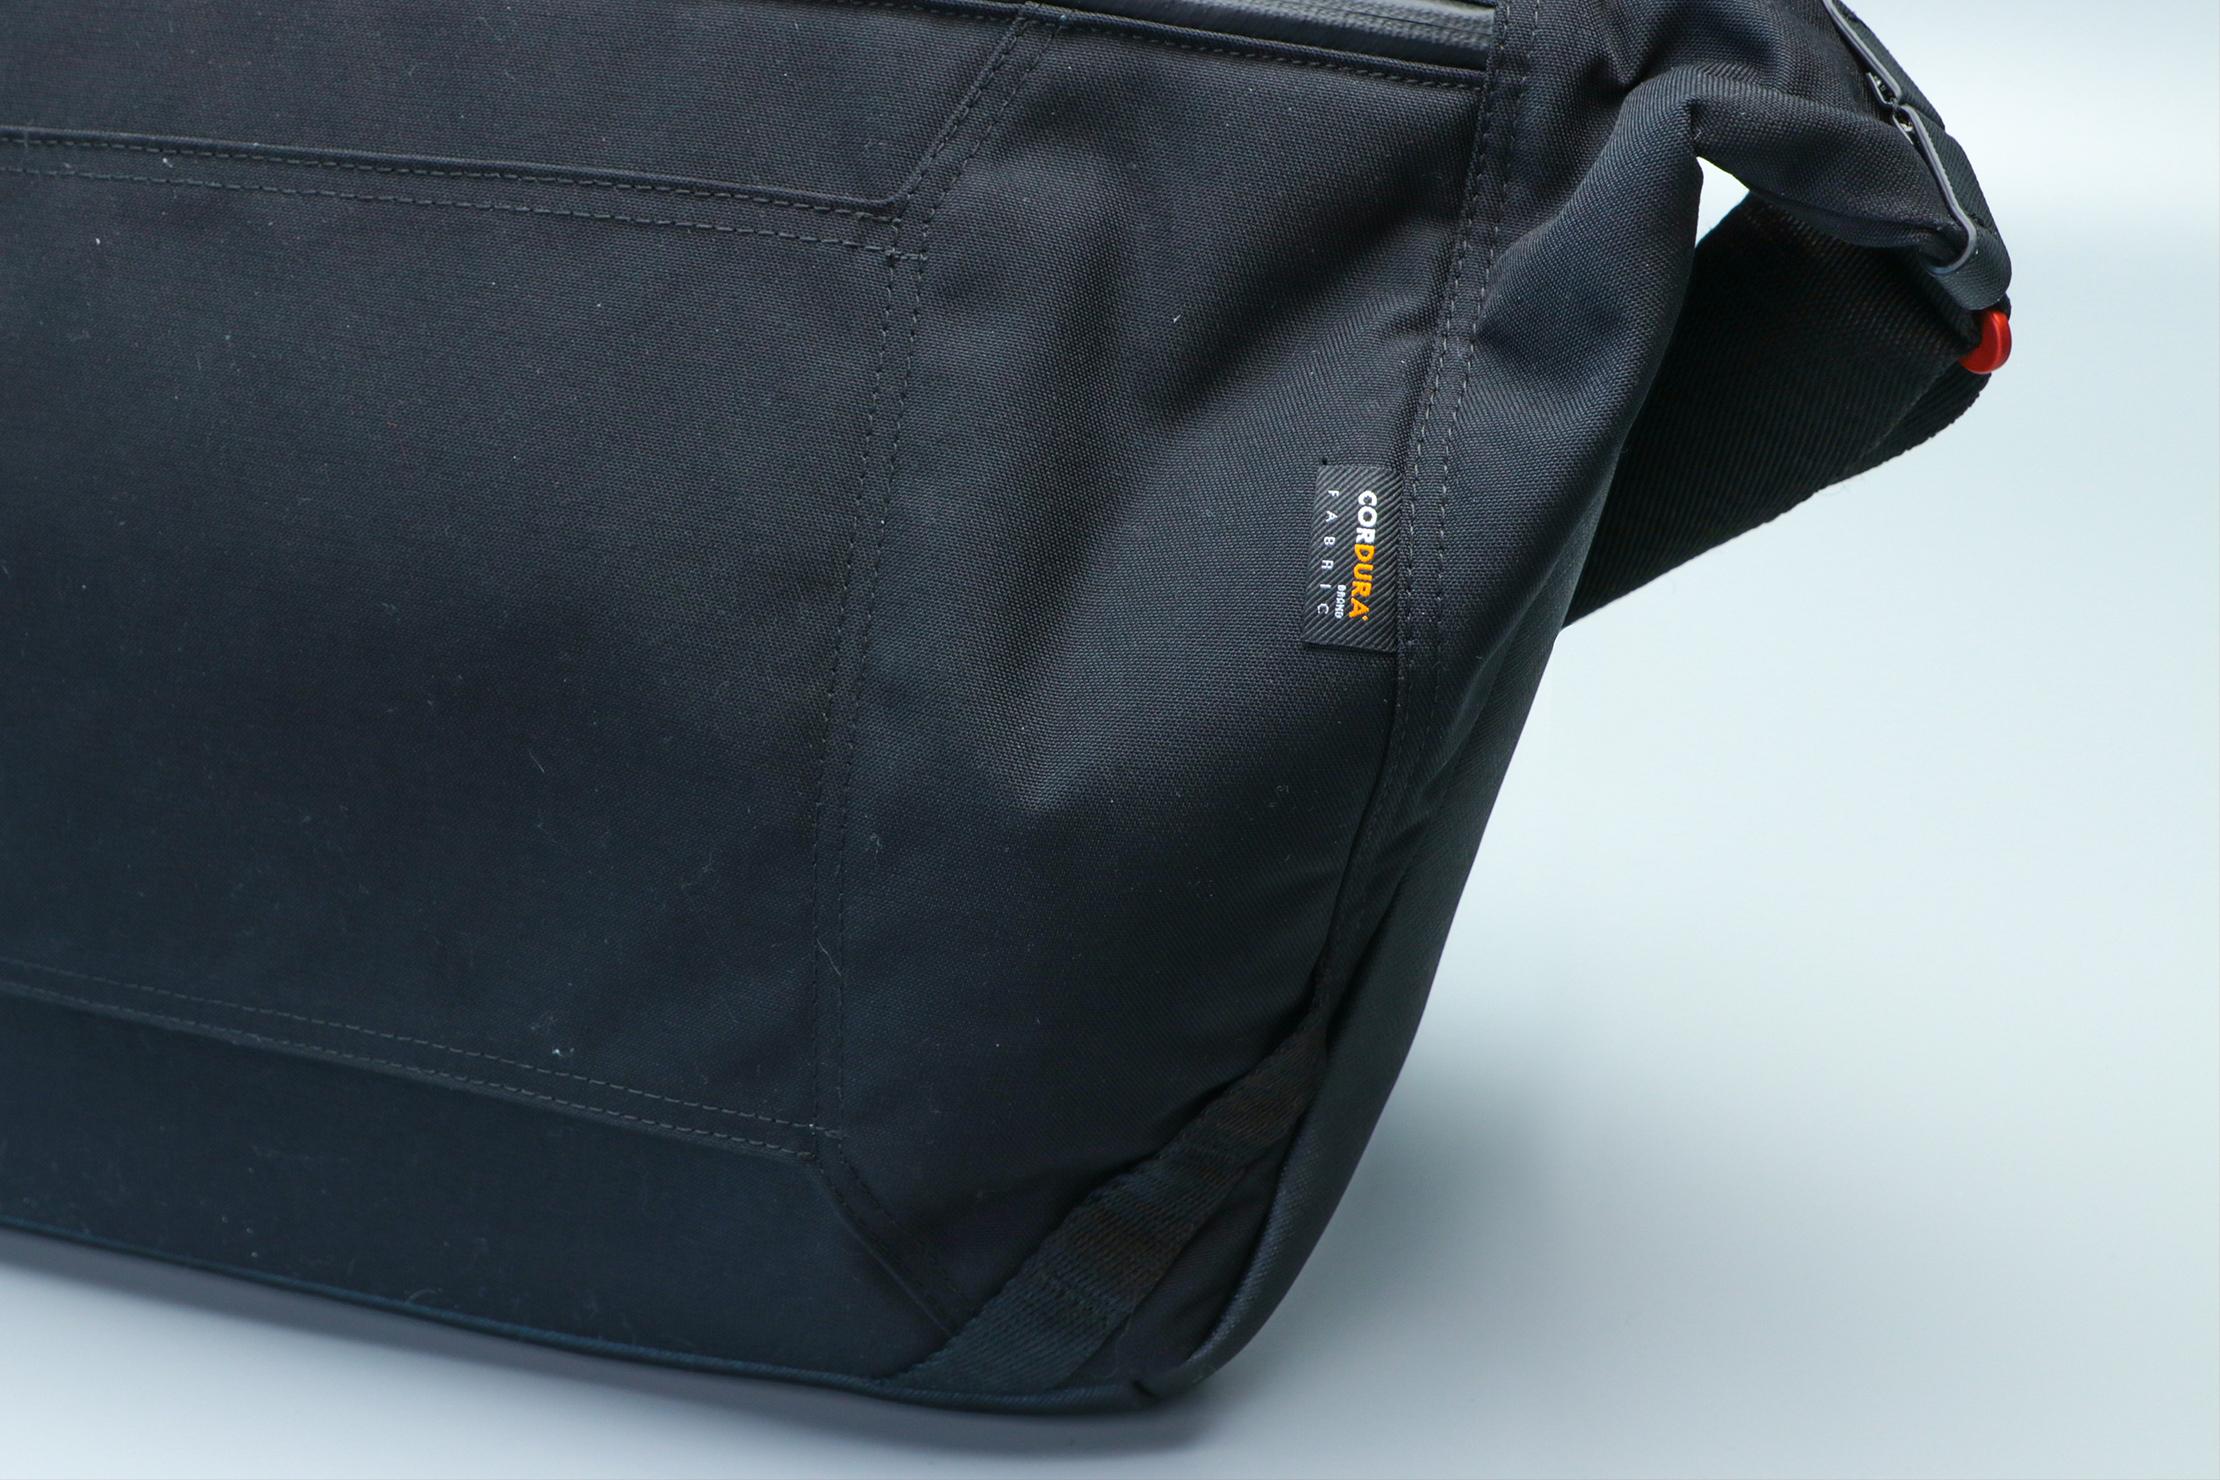 Agency Aspect Hybrid Messenger Bag Studio 2